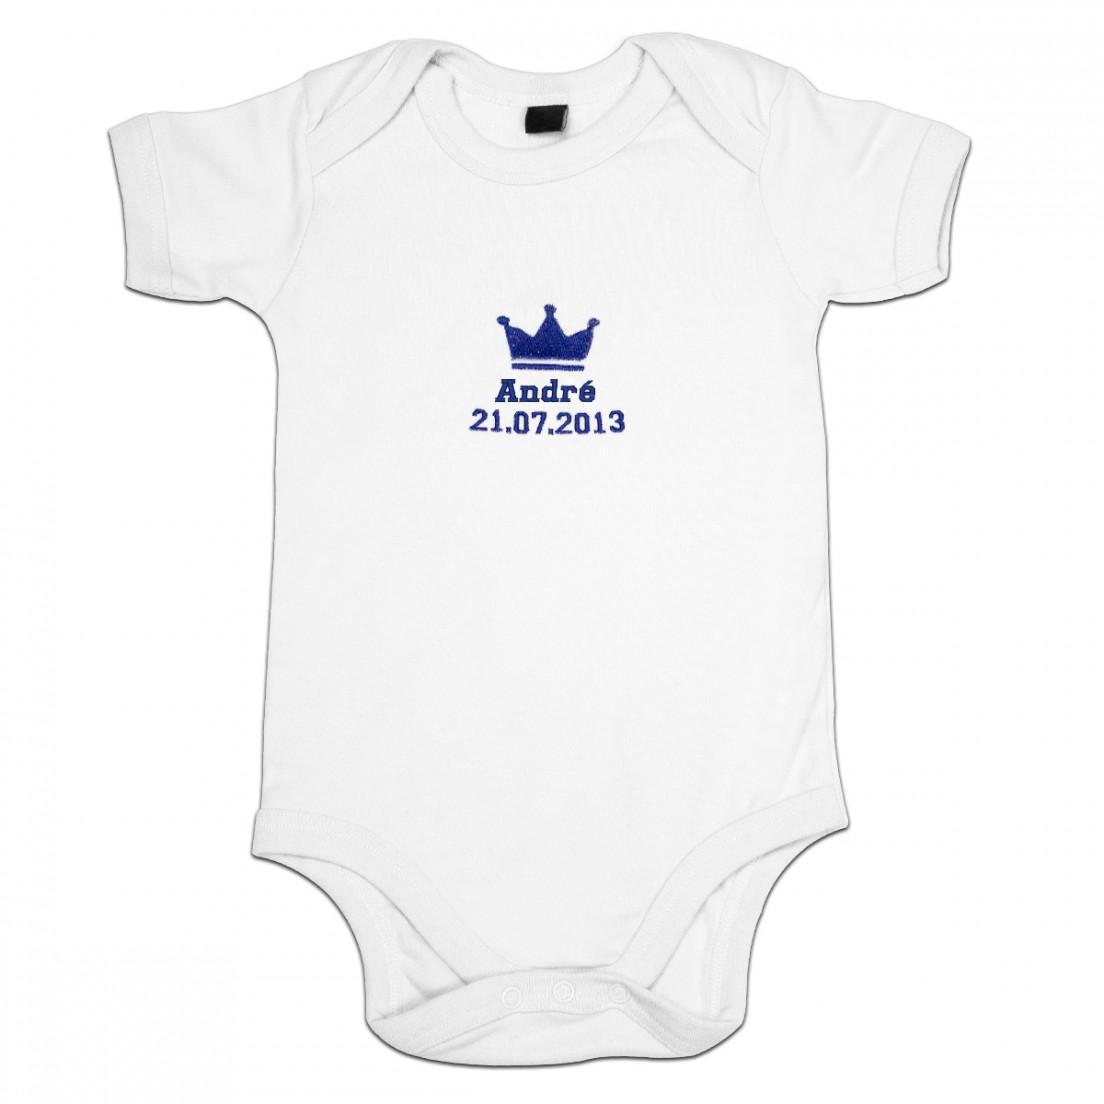 Bodystocking til babyer med navn | Smyla.dk